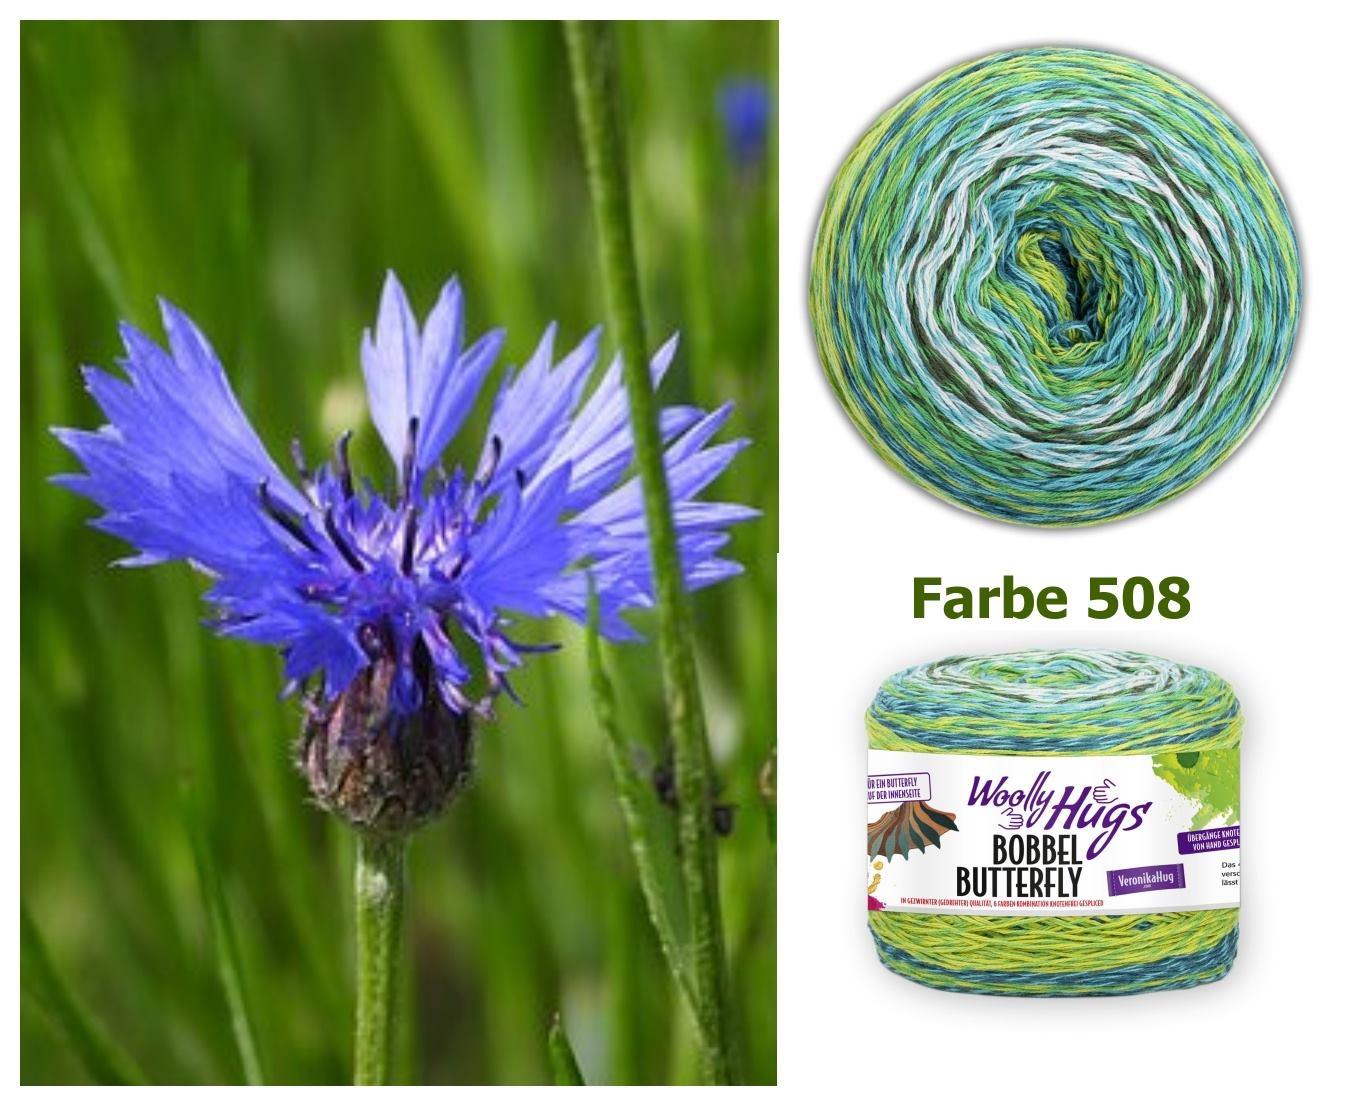 Farbimpression508